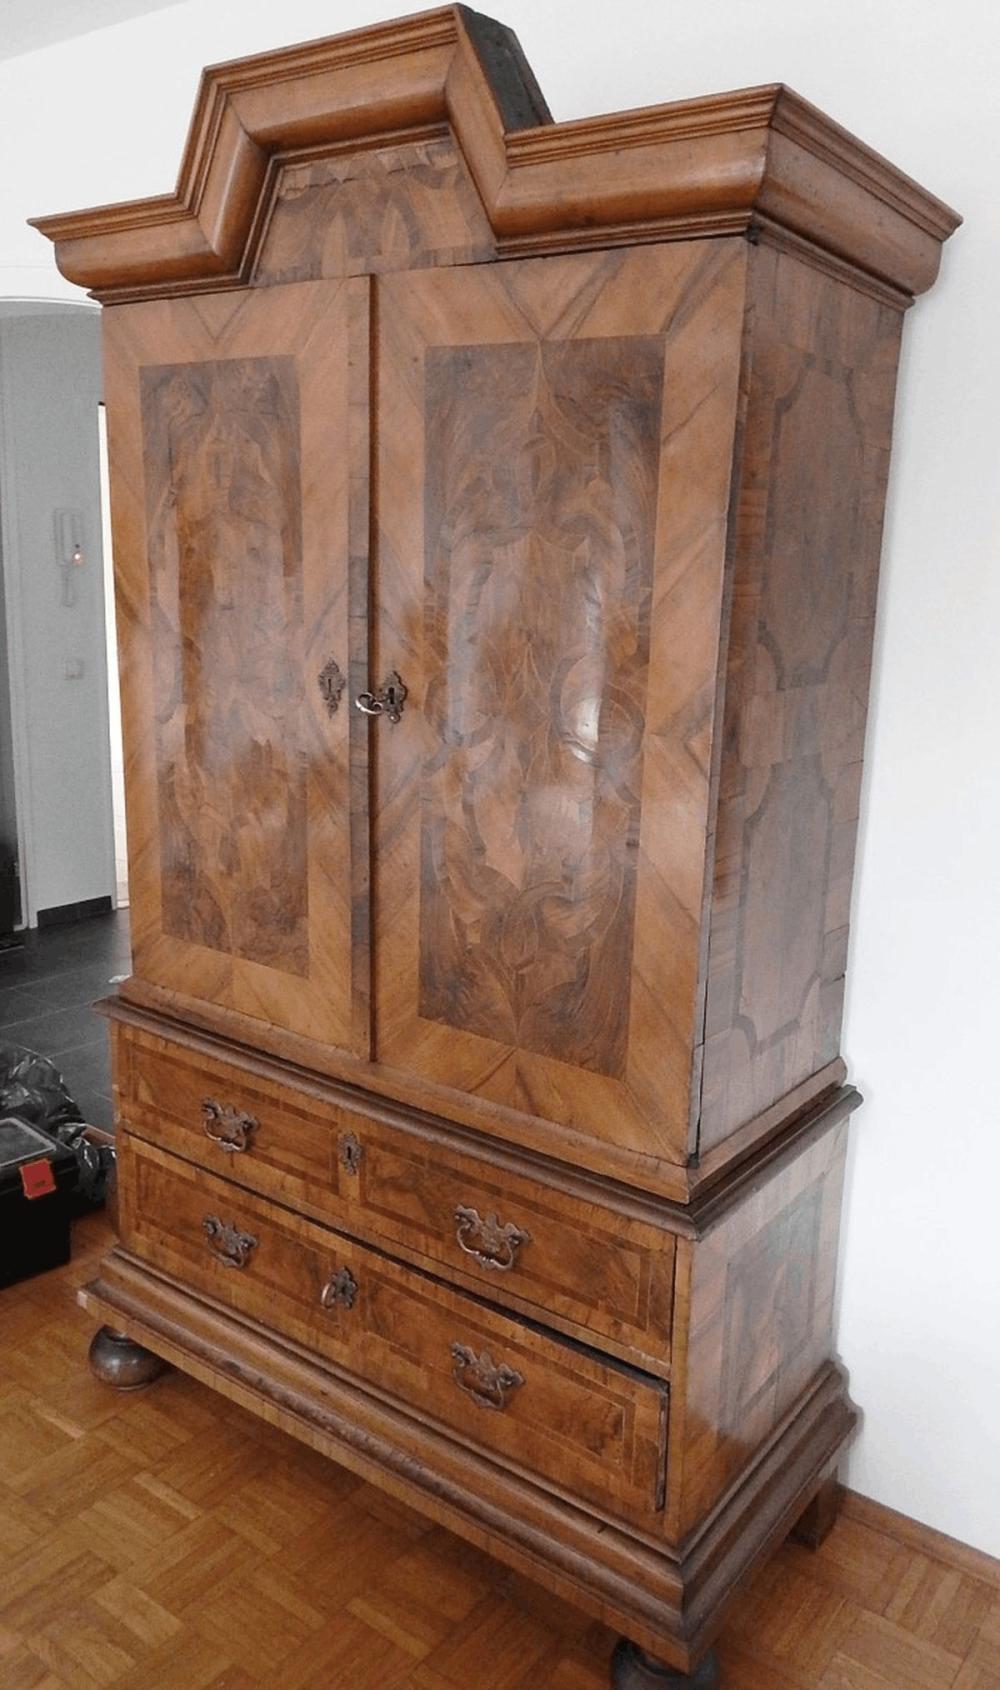 2-teiliger Aufsatzschrank,Nußbaum funiert, süddeutsch um 1780,Maße ca. 130 x 55 x 210cm(BxTxH),unrestauriert